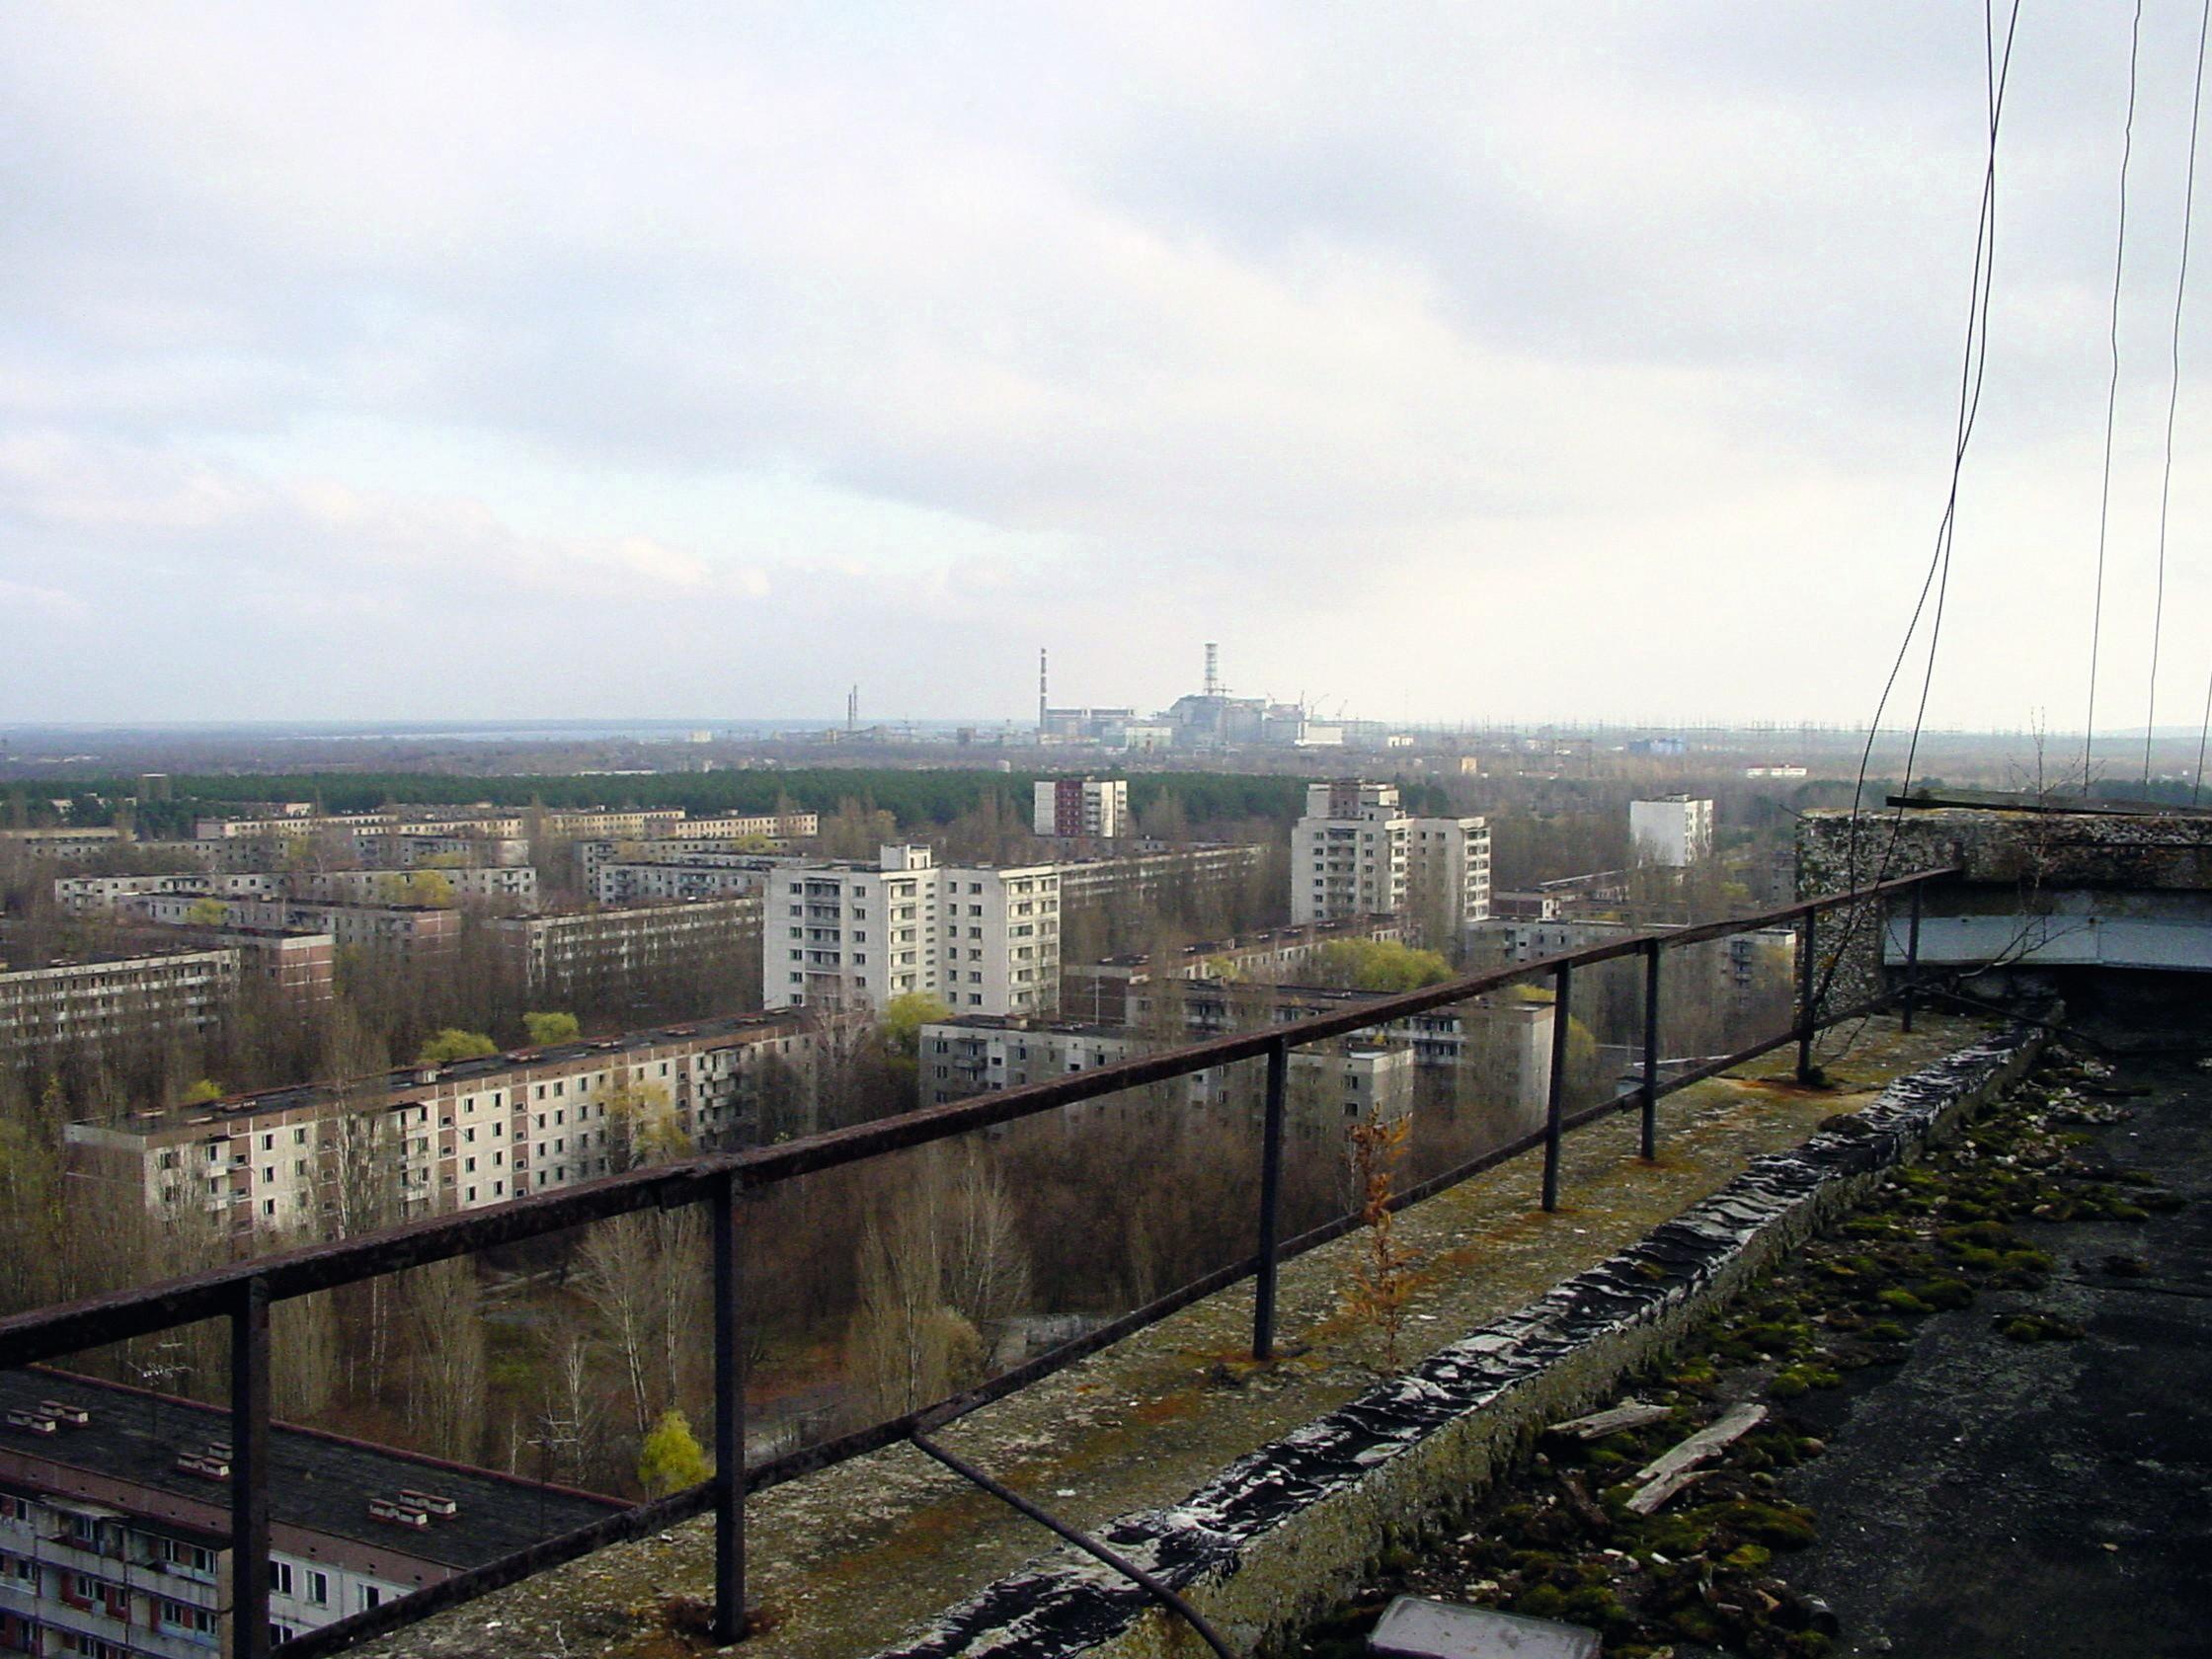 La ville a été détruite en 1986 par l'explosion de sa centrale nucléaire, mais elle reste habitée